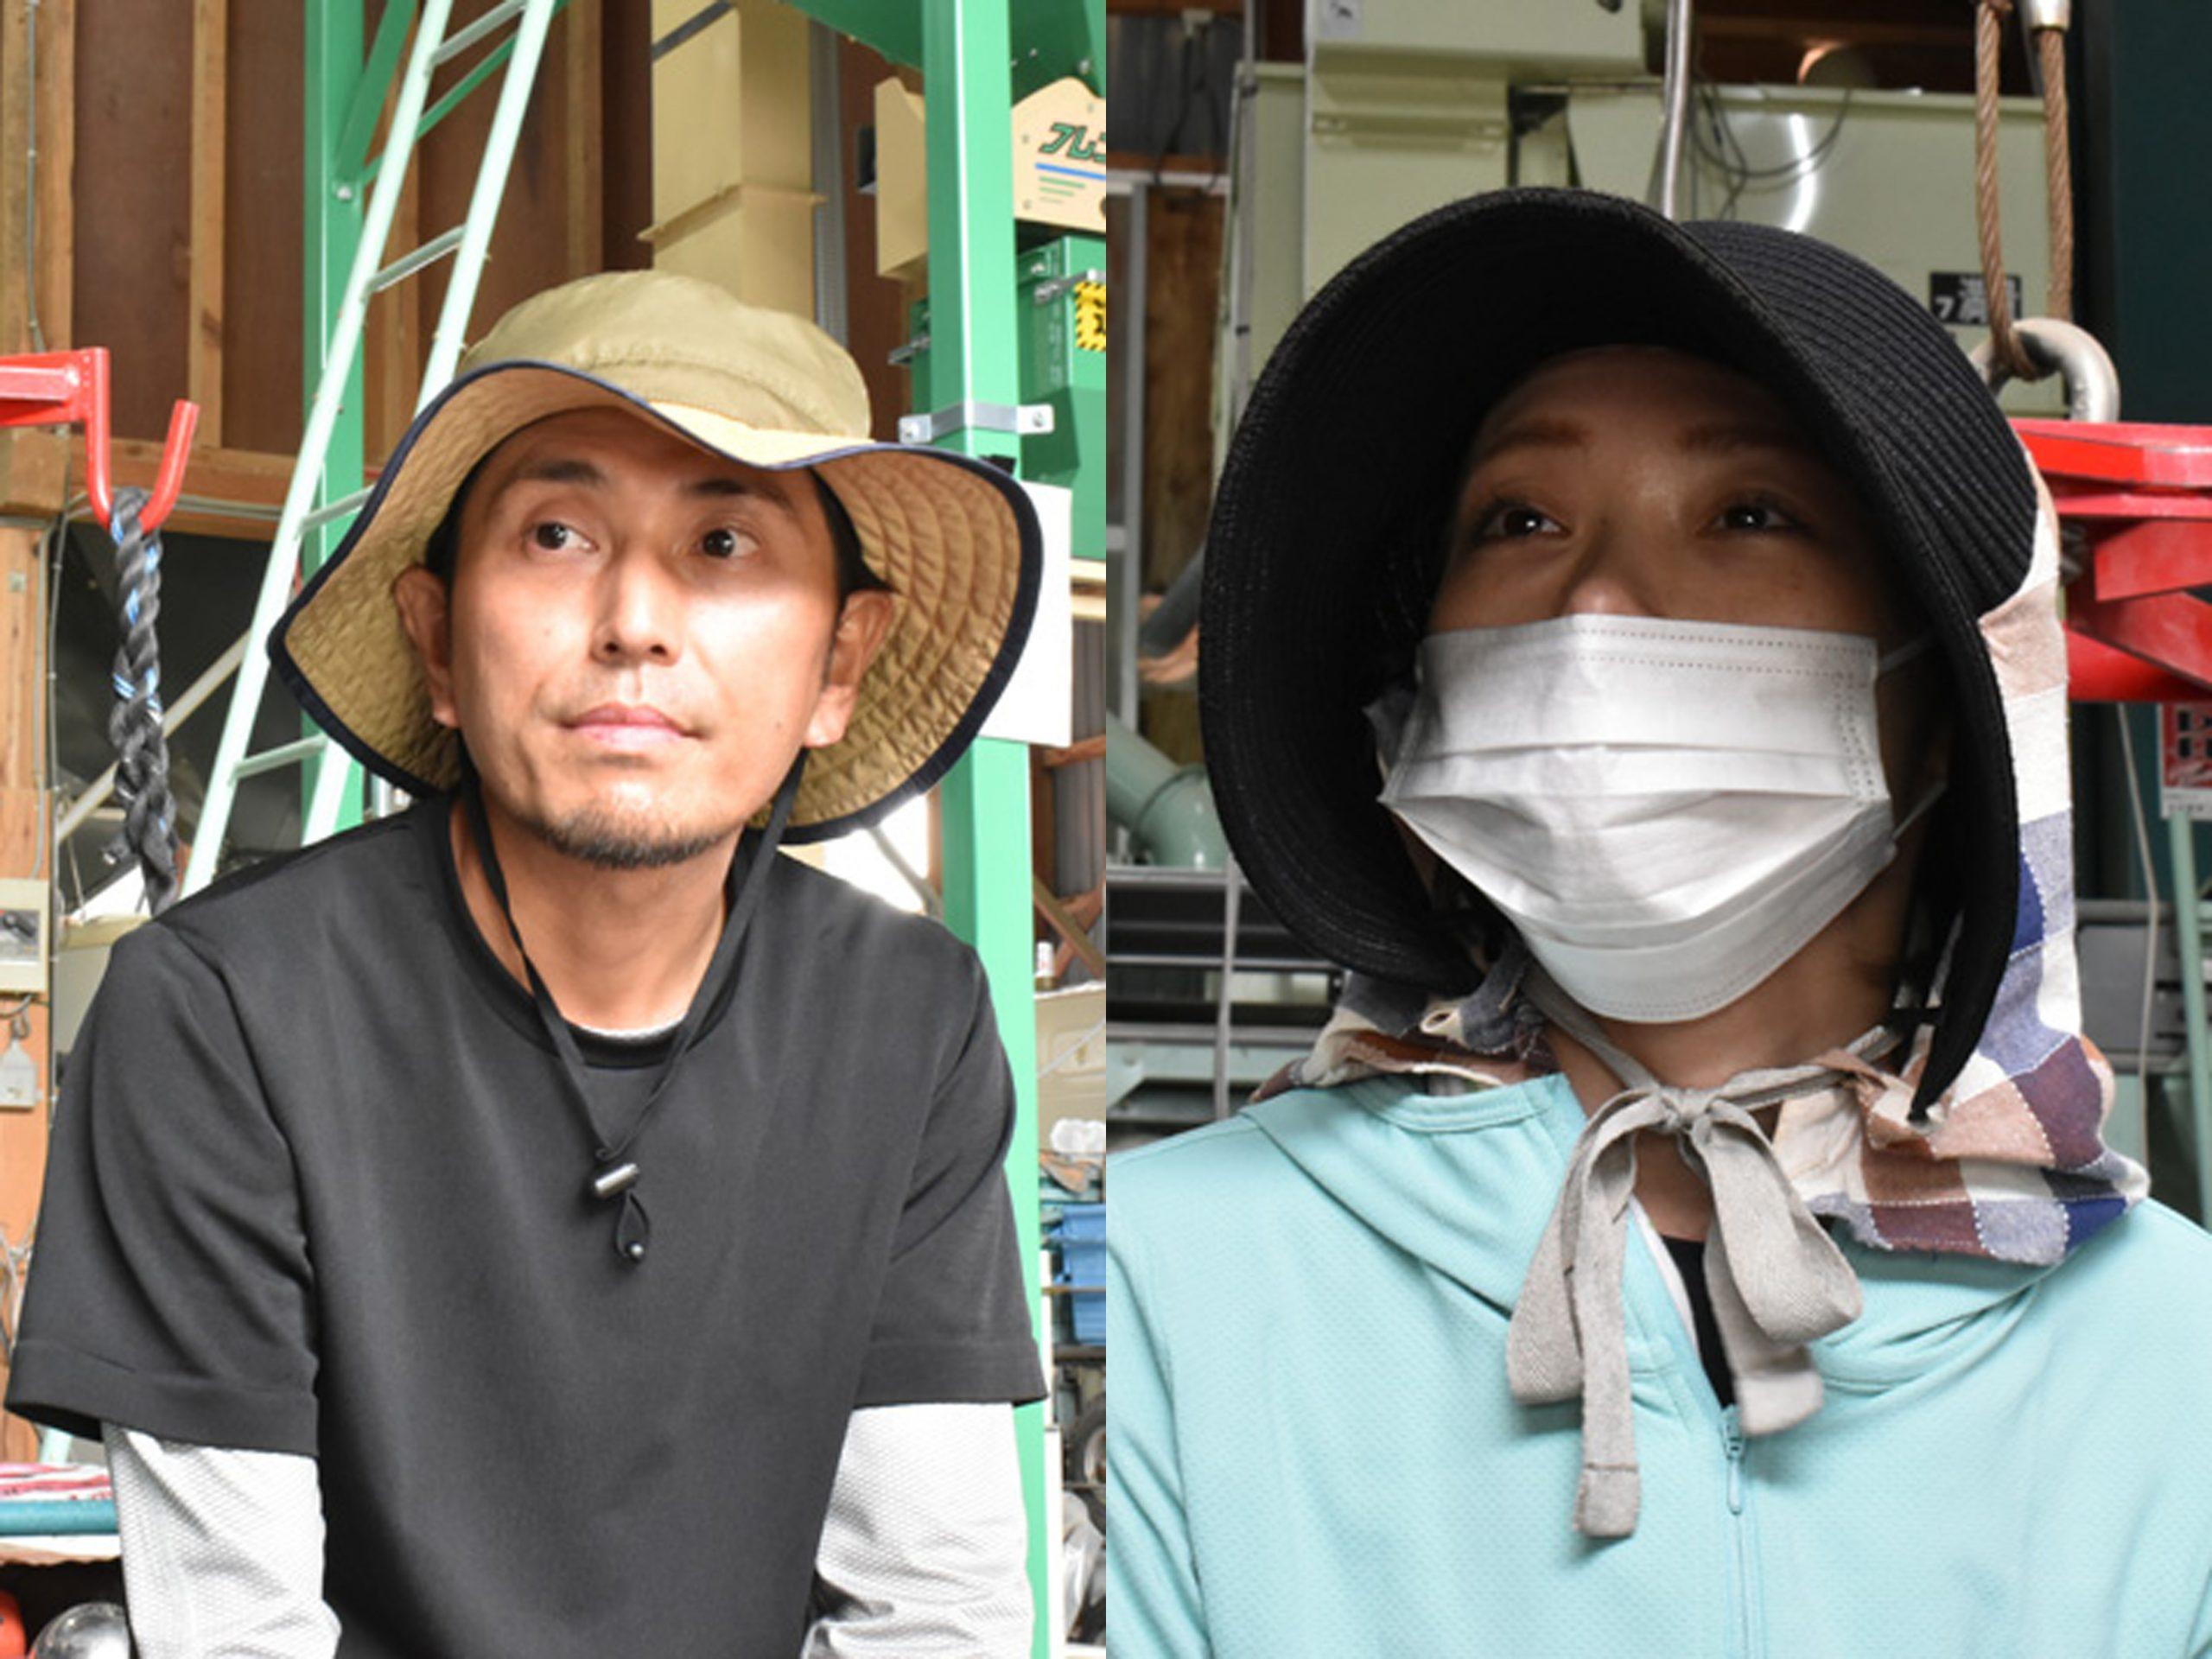 東京から南会津へ移住して『南郷トマト』生産の担い手になるべく研修を受けている落合夫妻